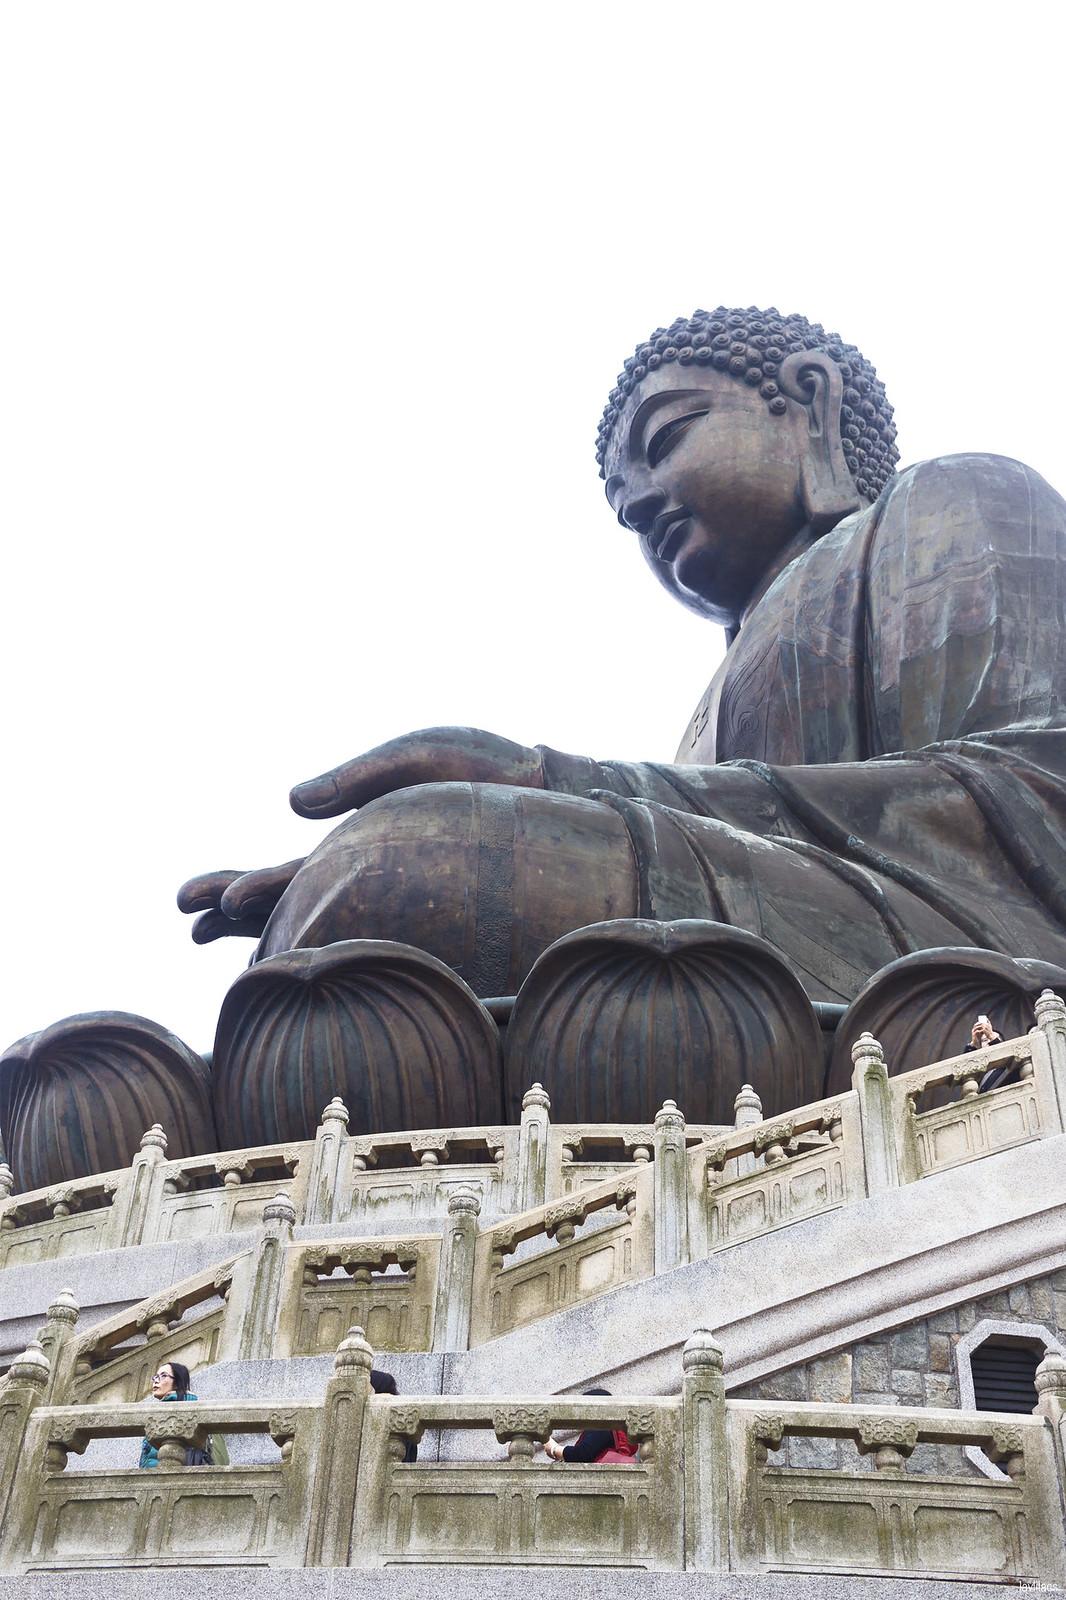 lavlilacs Hong Kong Lantau Island Ngong Ping Big Tian Tian Buddha closeup